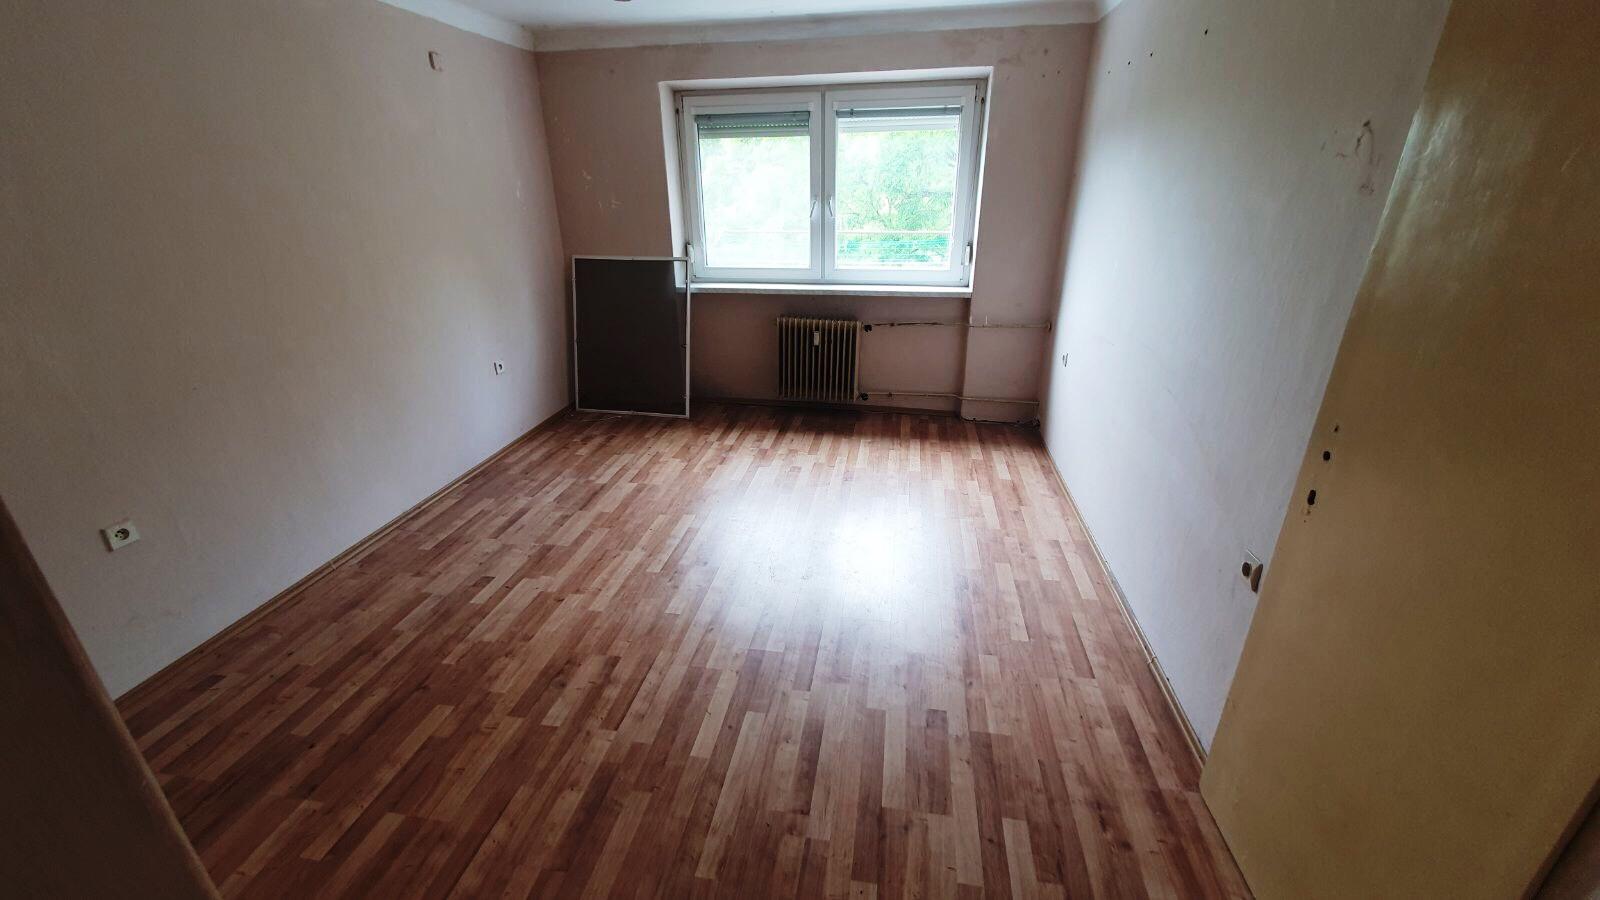 Komárno - 3-izbový byt po čiastočnej rekonštrukcii na predaj